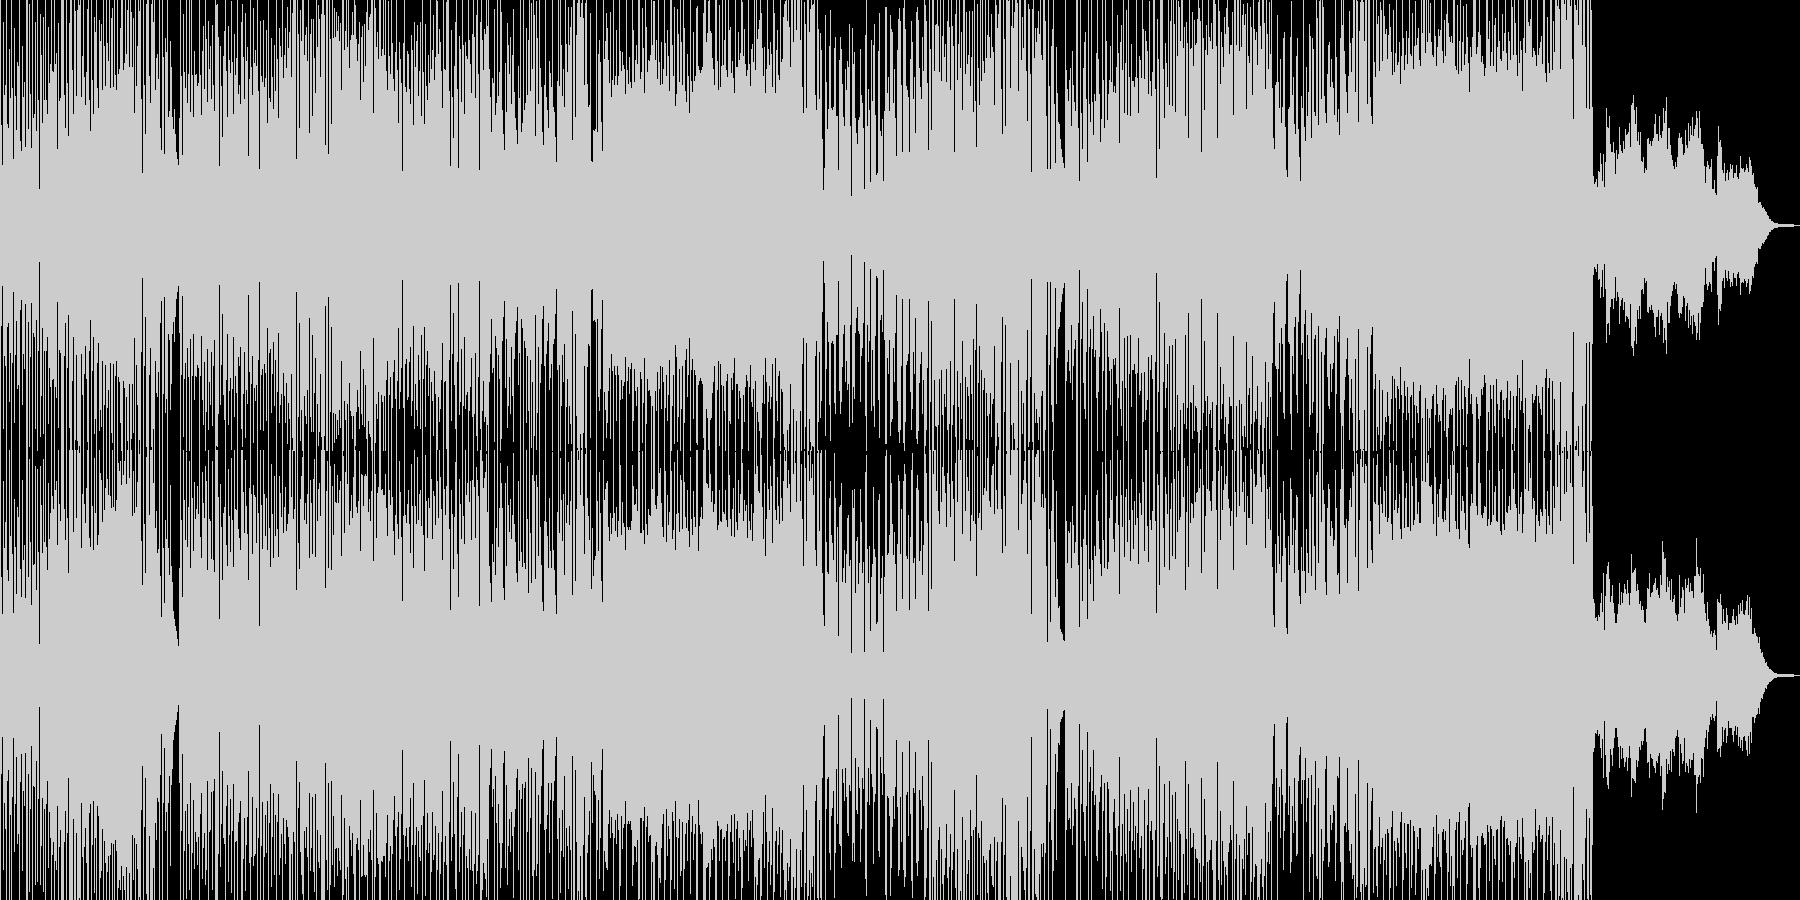 ドタバタコメディ・アニメ調ポップ A+★の未再生の波形